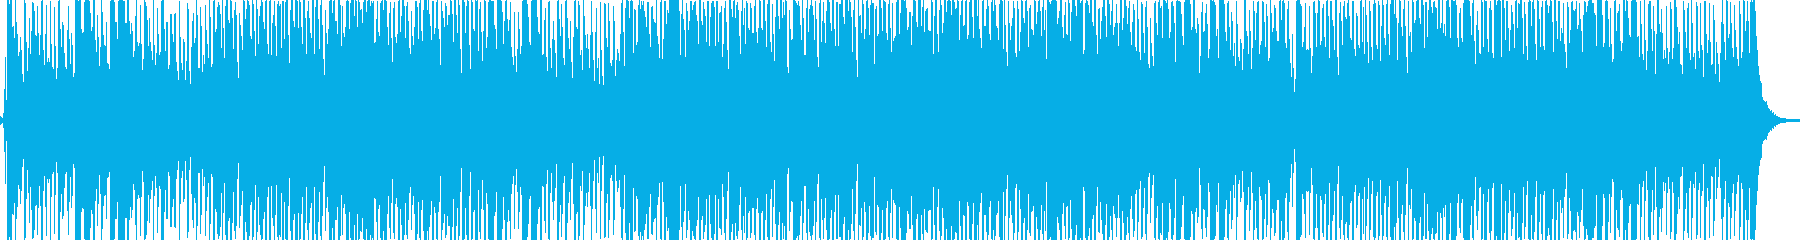 ジャズインスト元気にやさしく、元気...の再生済みの波形